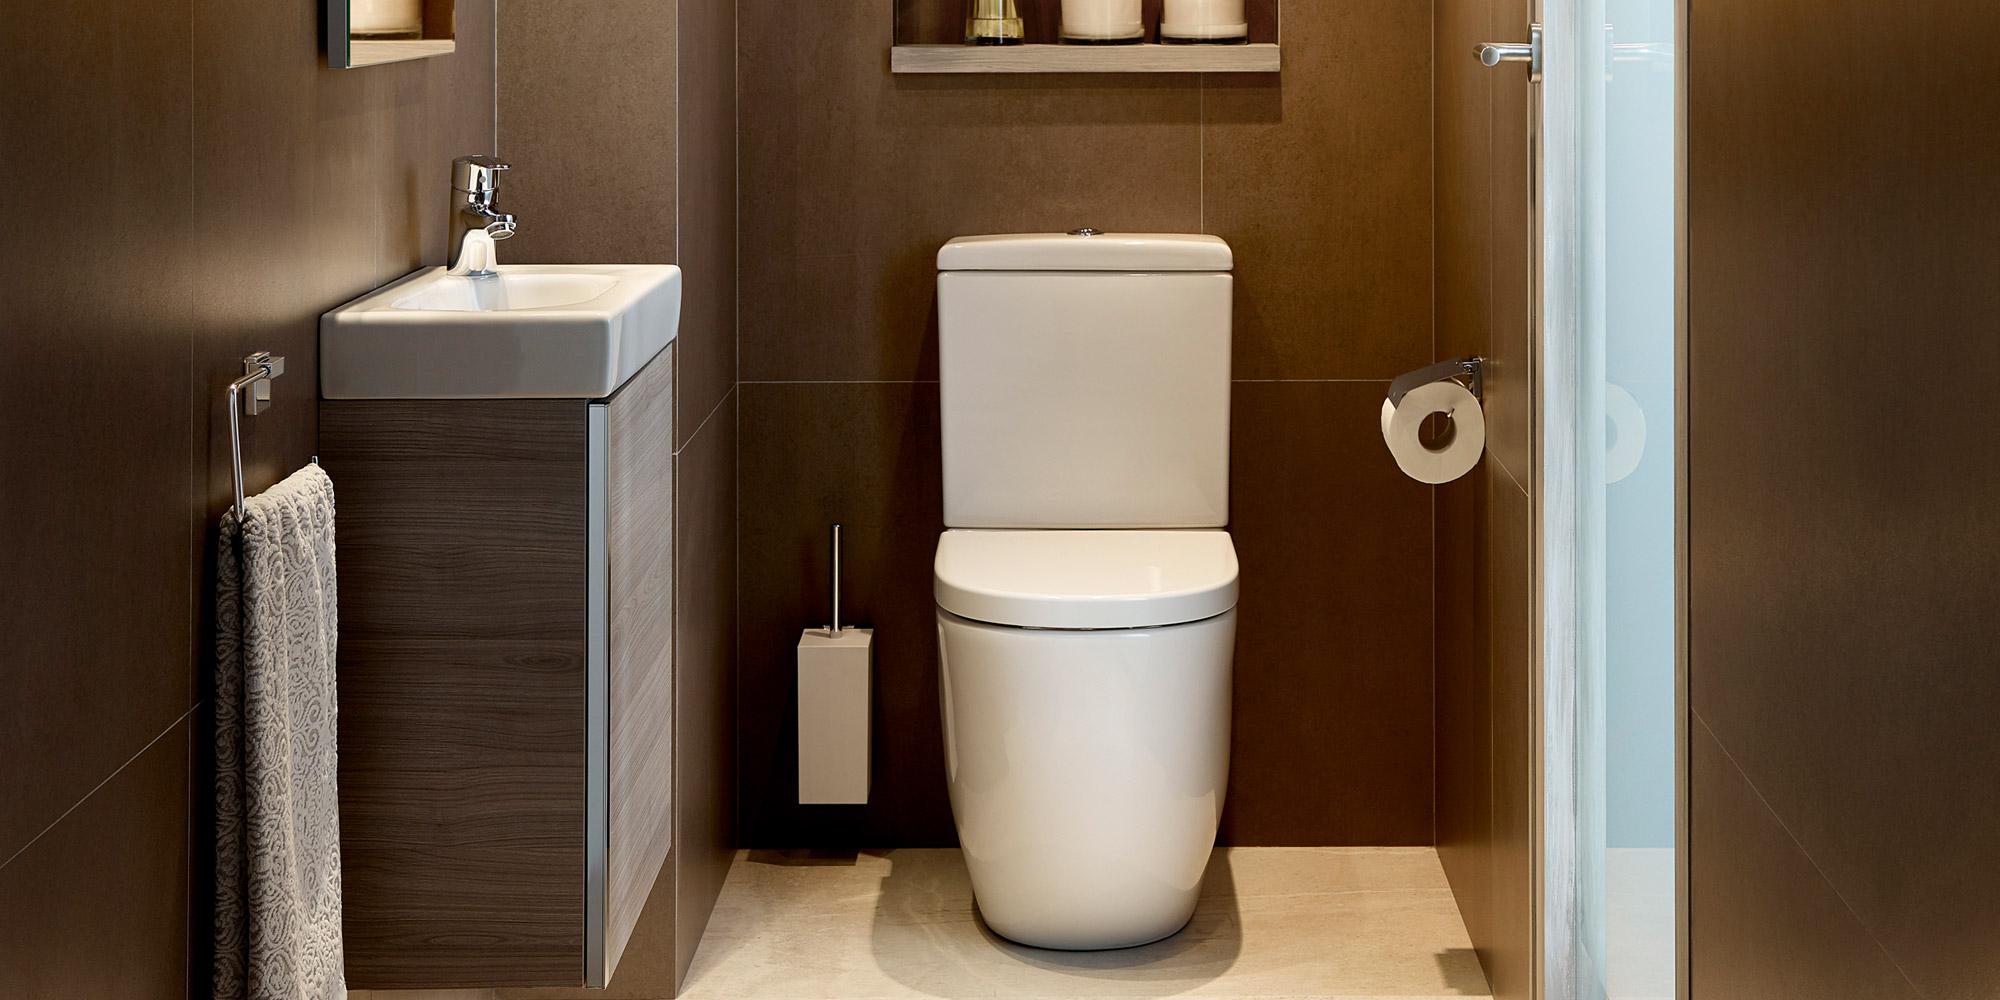 c1ce56c87 Menos es mucho más - Ideas para baños pequeños | Roca Life